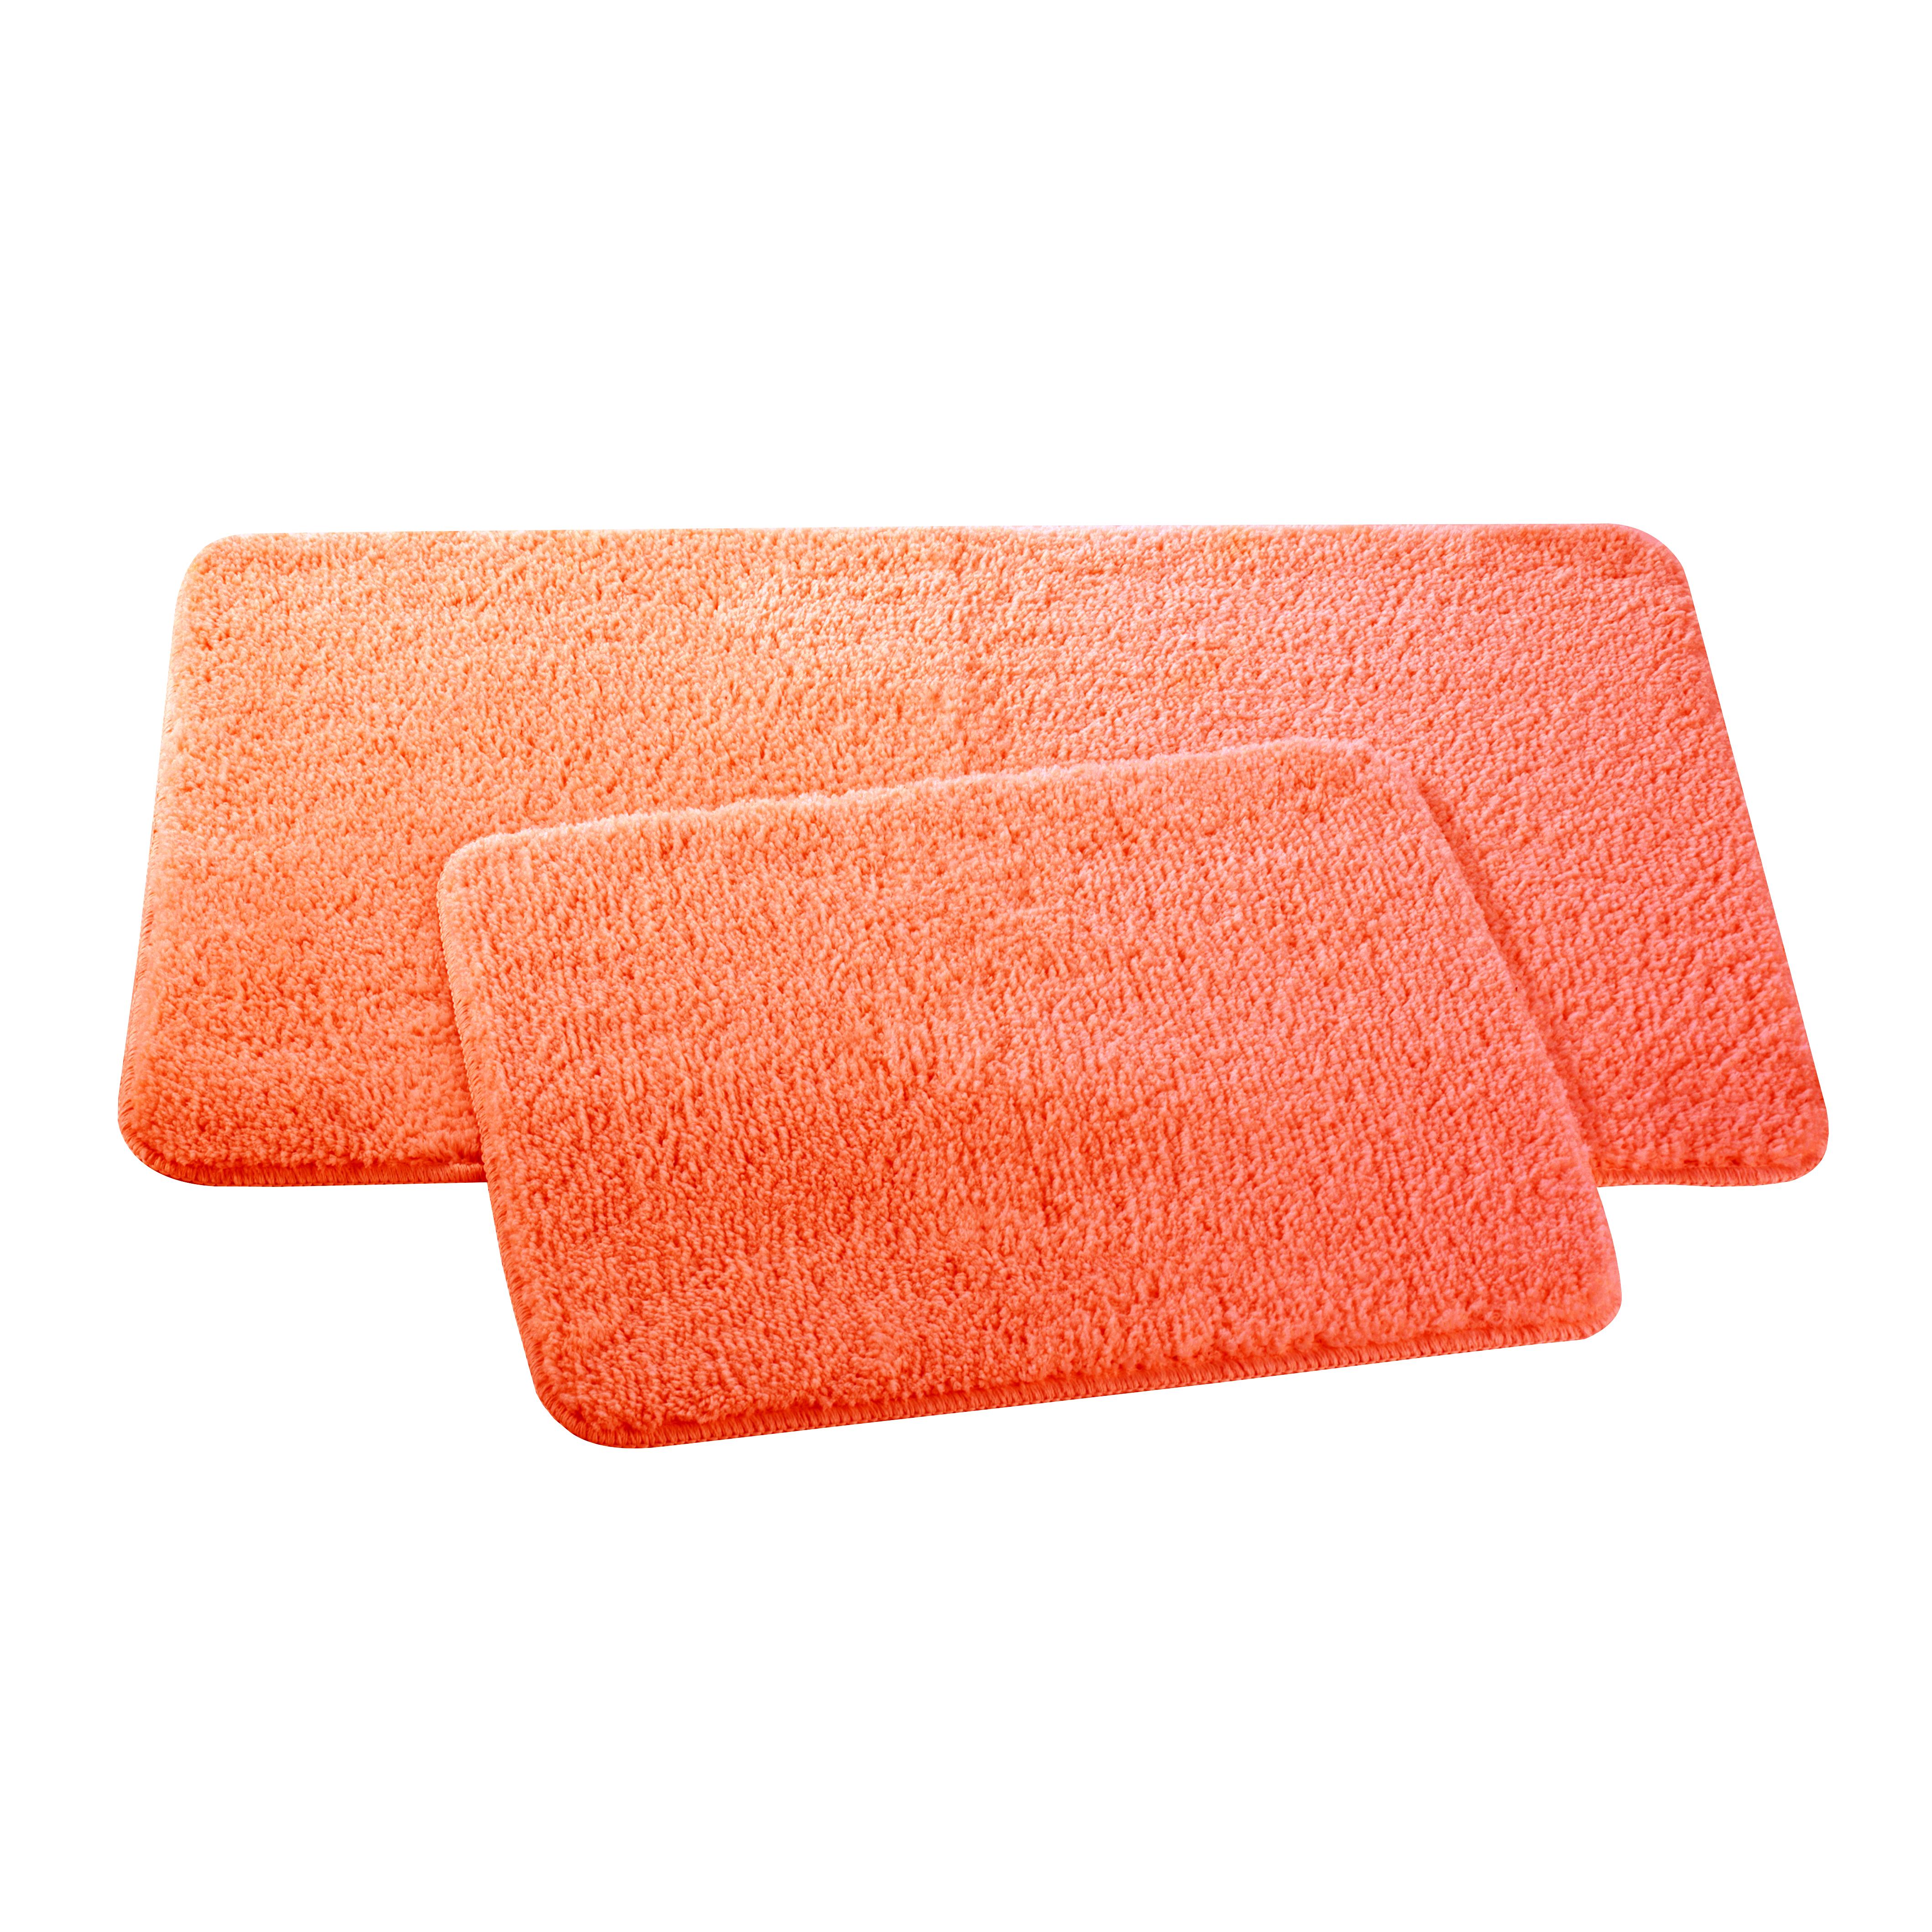 Набор ковриков для ванной и туалета Axentia, цвет: оранжевый, 50 х 80 см, 50 х 40 см, 2 шт116136Набор из двух ковриков для ванной комнаты и туалета из микрофибры, 50х80 и 50х40 см. Высота ворса 1,5 см, стеганный. Противоскользящее основание изготовлено из термопластичной резины и подходит для полов с подогревом. Коврик мягкий и приятный на ощупь, отлично впитывает влагу и быстро сохнет. Можно стирать в стиральной машине. Высокая износостойкость коврика и стойкость цвета позволит вам наслаждаться покупкой долгие годы. Широкая гамма расцветок ковриков Axentia удовлетворит самый притязательный вкус.